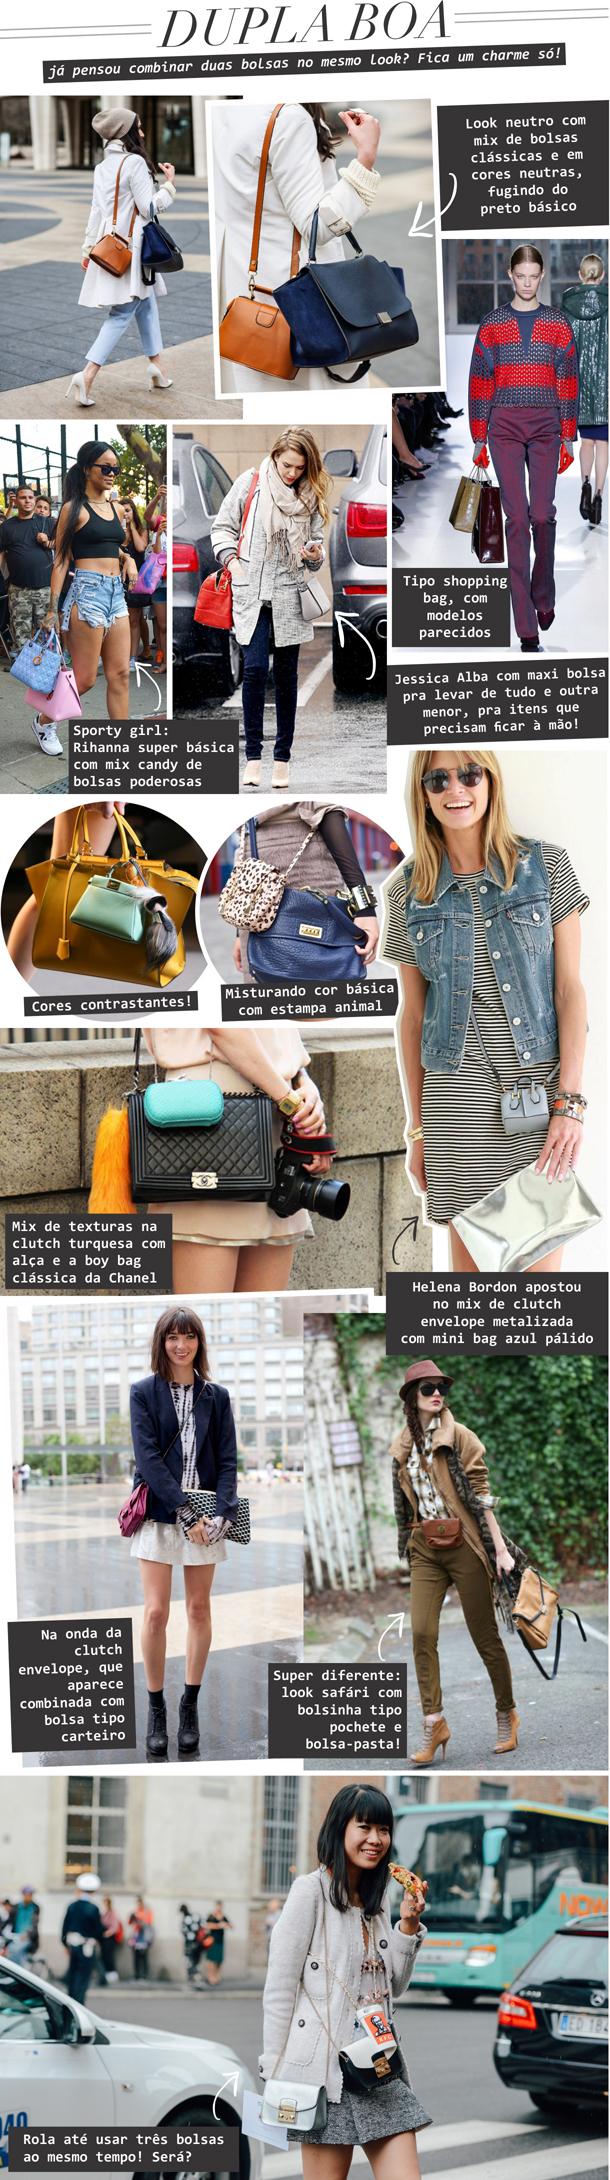 mundo-lolita-trend-double-bagging